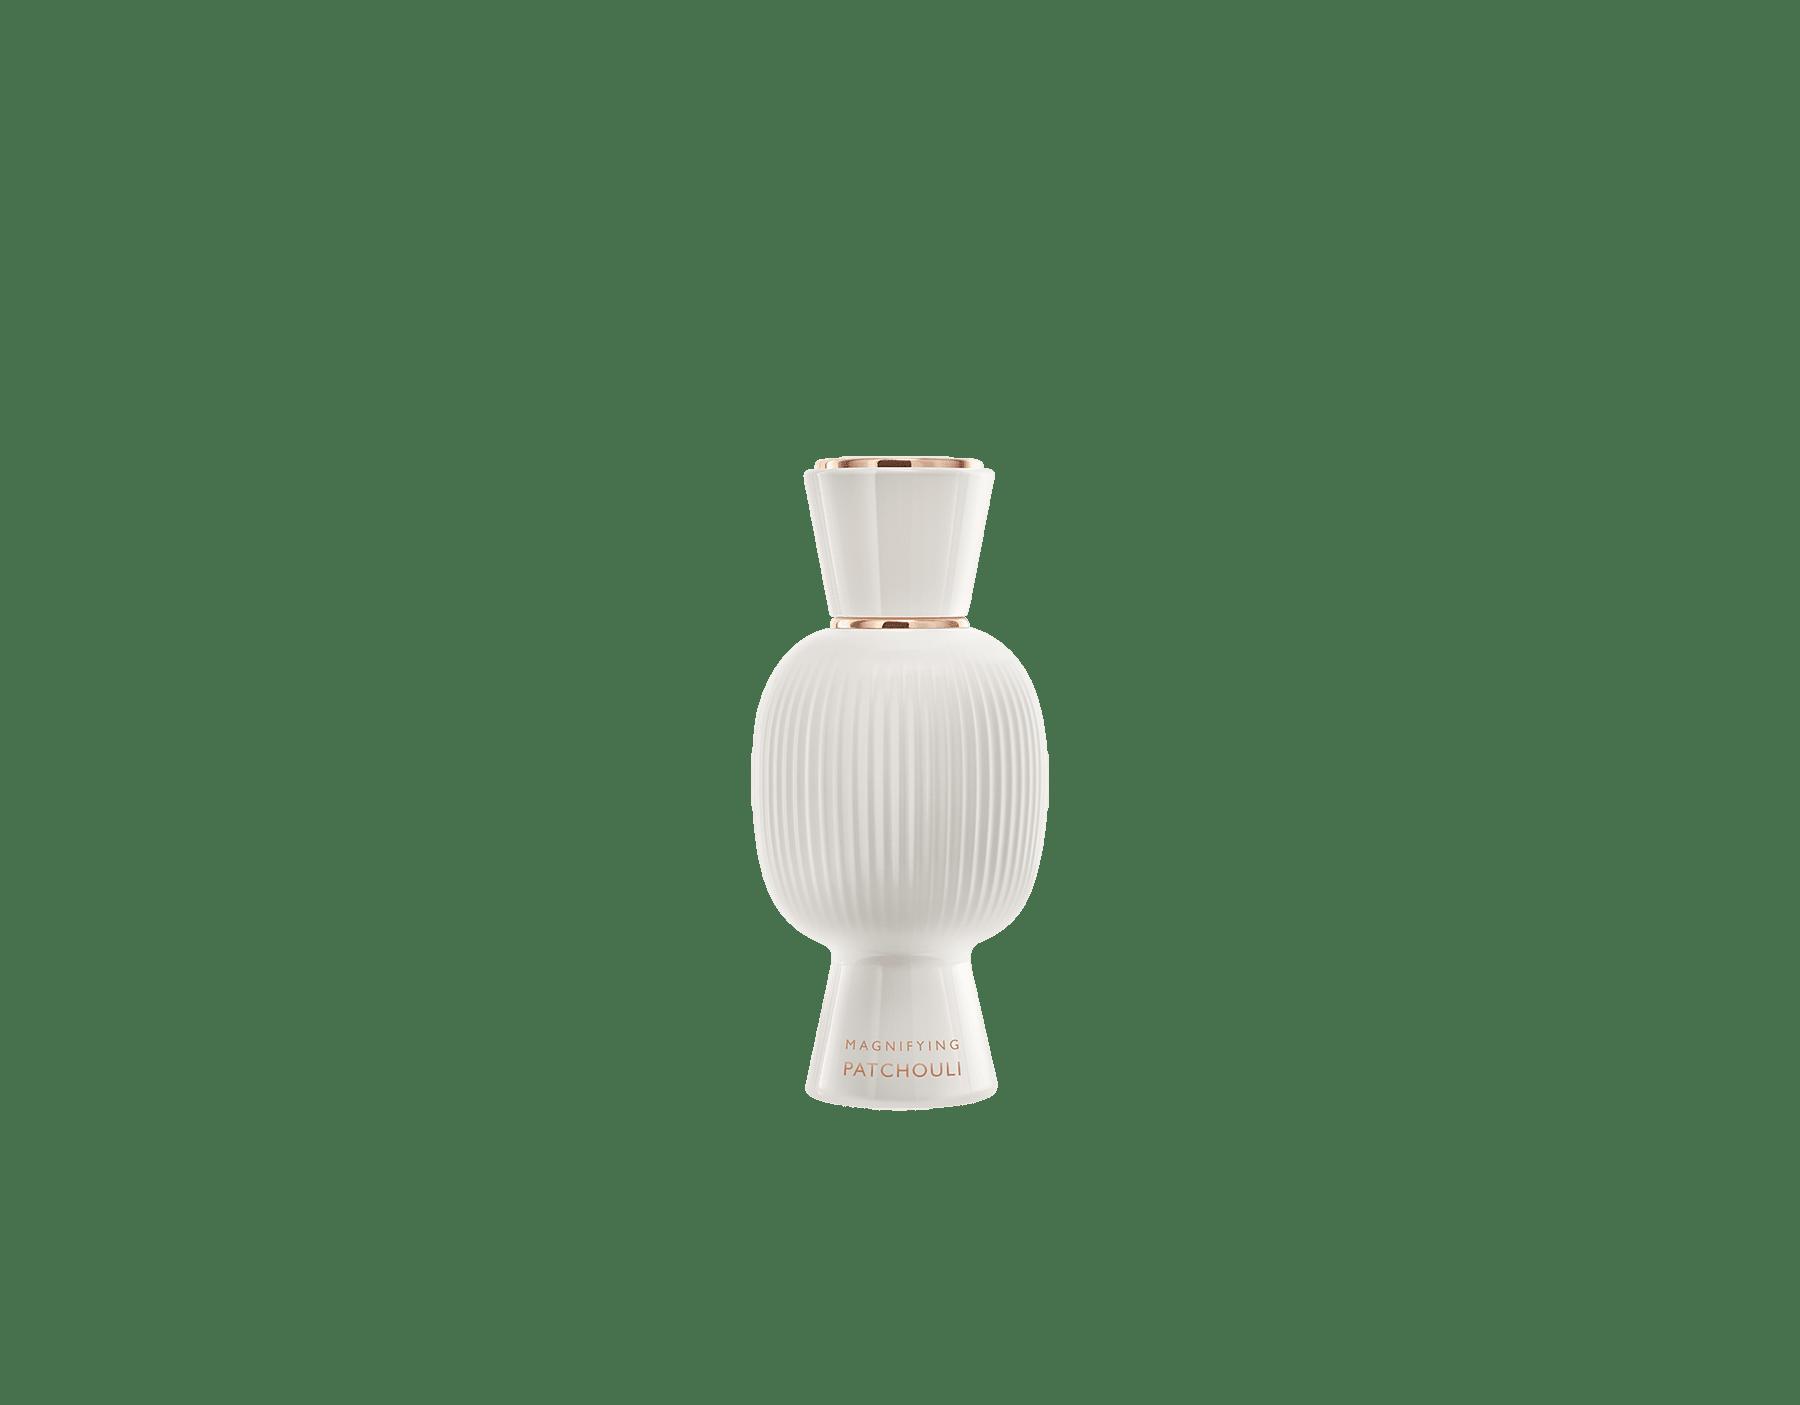 Un coffret de parfums exclusif, aussi unique et audacieux que vous. Pétillante et riche en agrumes, l'Eau de Parfum Allegra Riva Solare se mêle à la sensualité puissante de l'essence du Magnifying Patchouli pour donner vie à une irrésistible fragrance personnalisée.  Perfume-Set-Riva-Solare-Eau-de-Parfum-and-Patchouli-Magnifying image 3